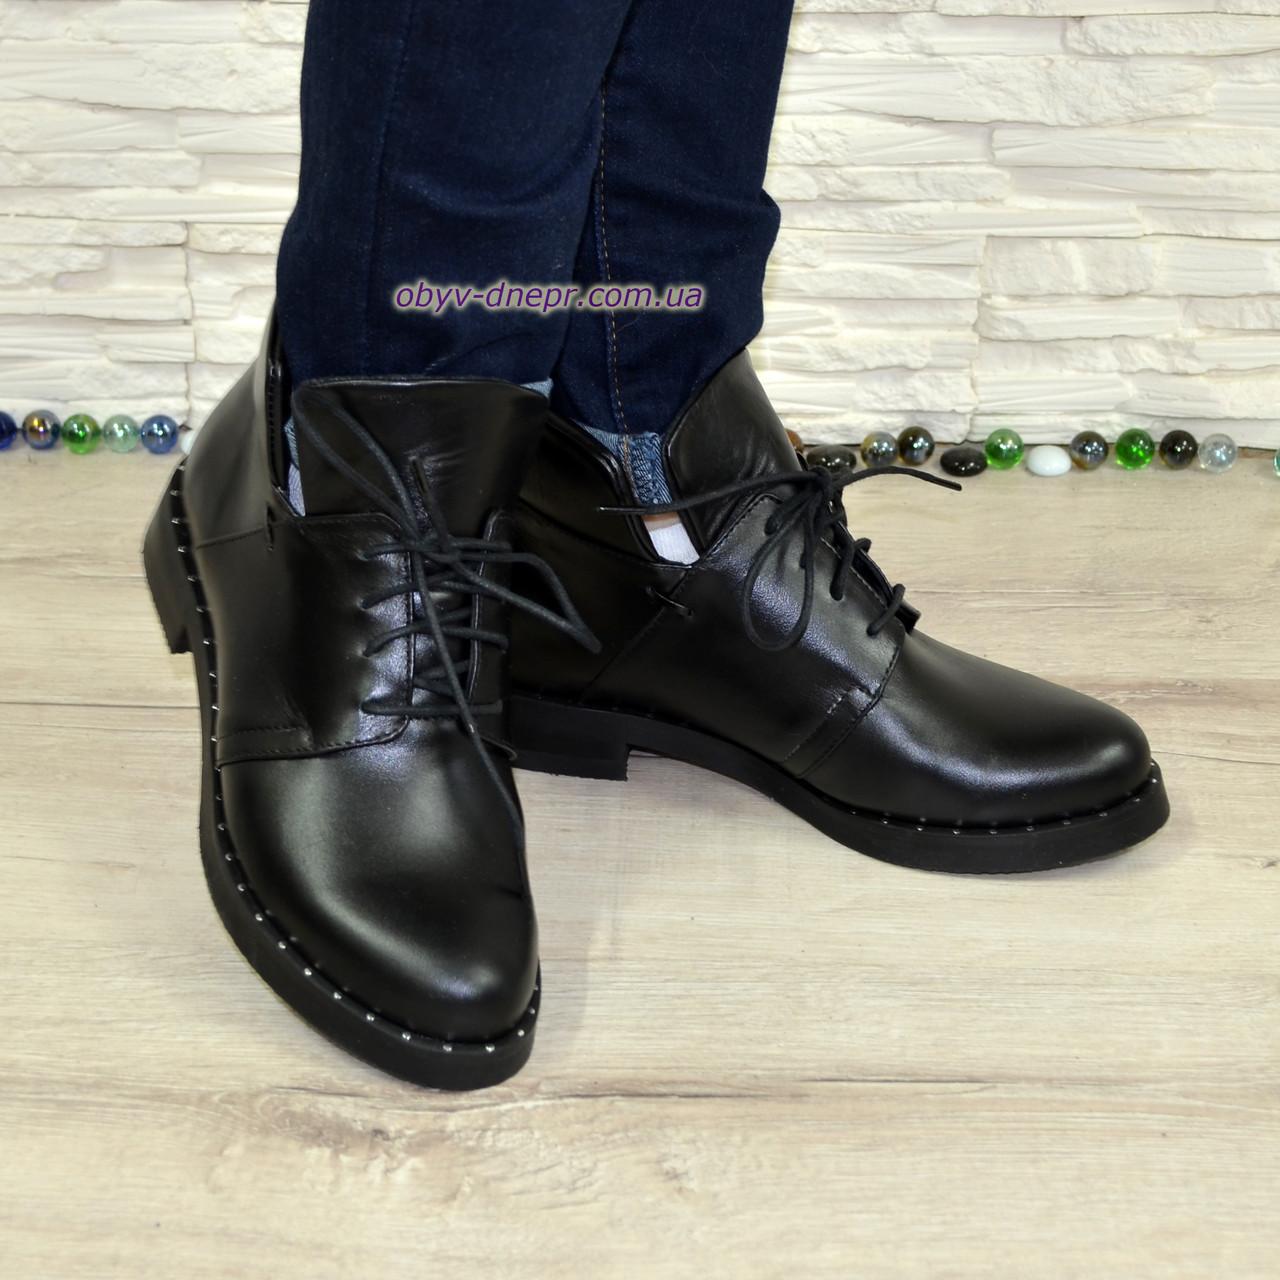 cb5557e5f9ff Ботинки женские зимние кожаные на невысоком каблуке  продажа, цена в ...